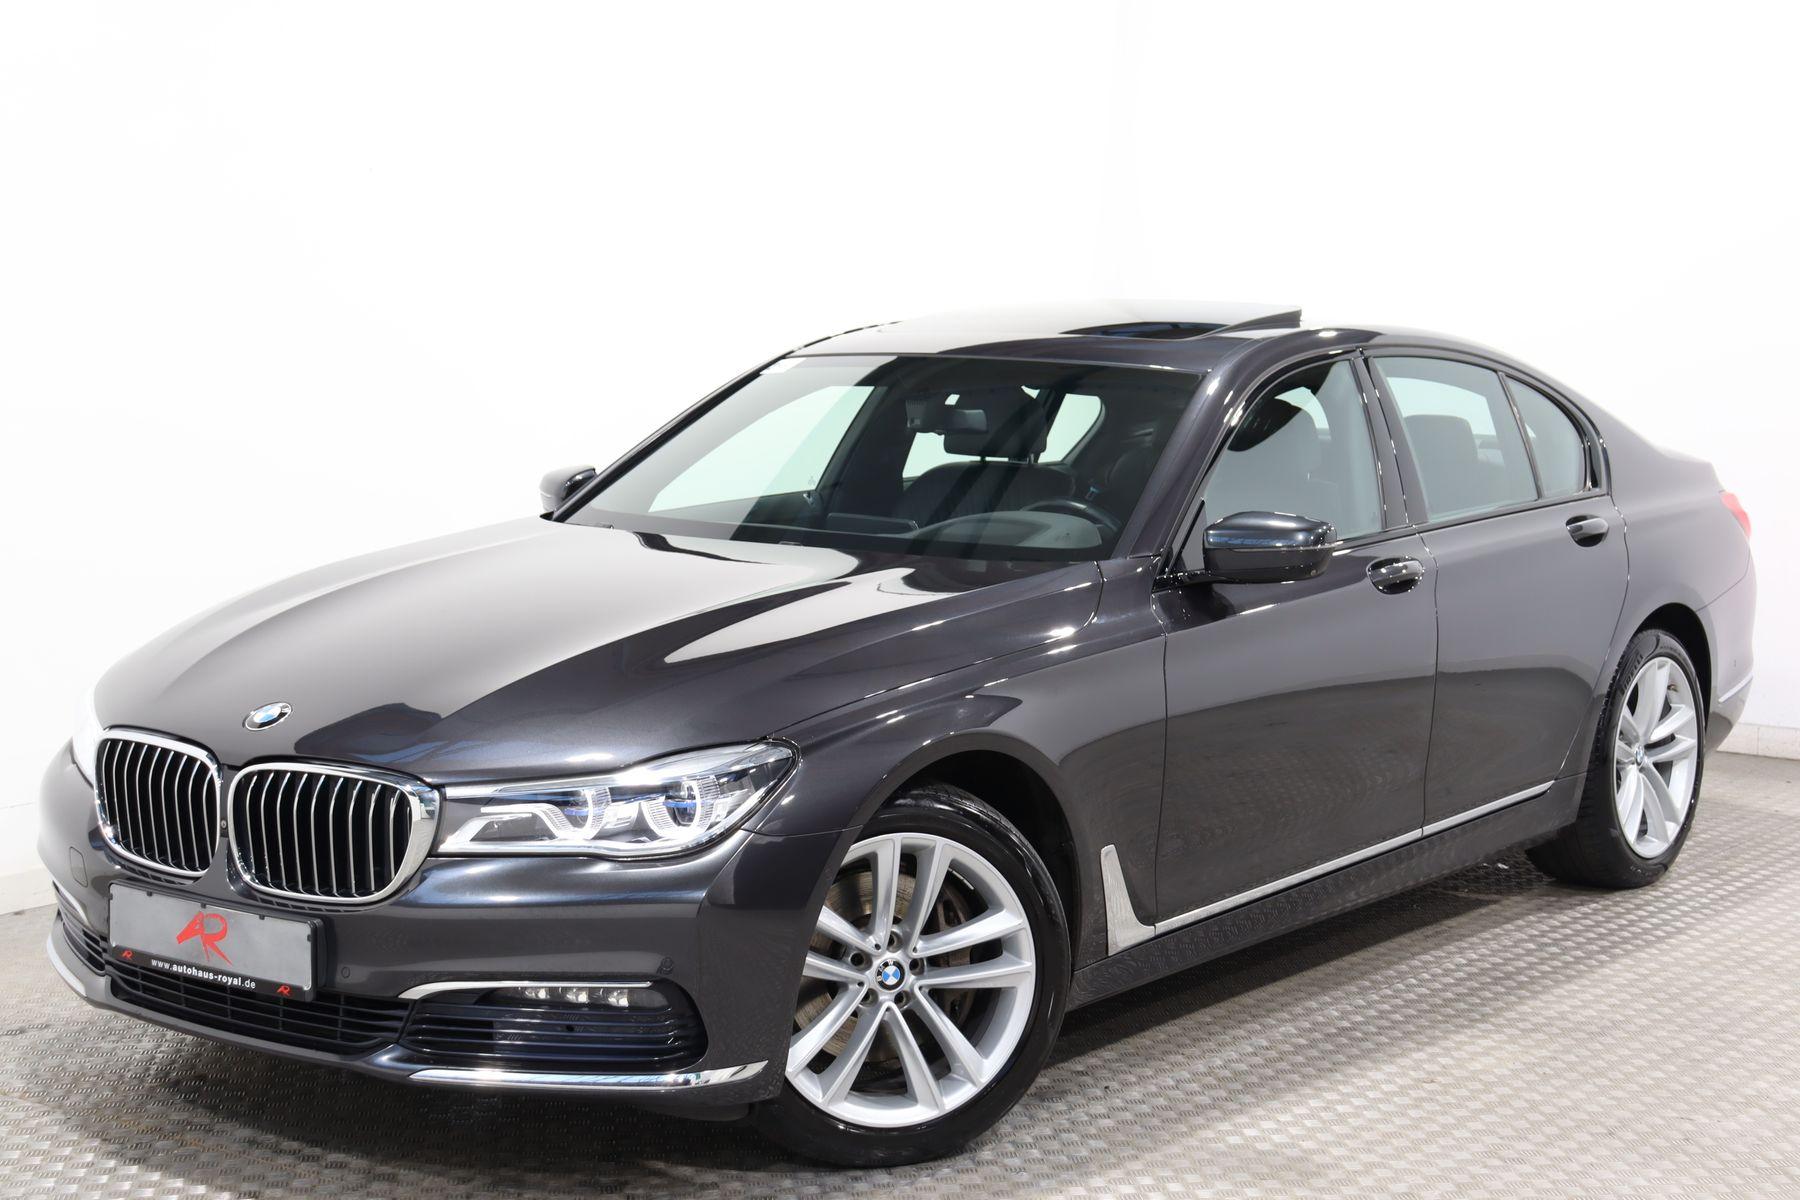 BMW 730 d LASER,DIG.TACHO,SOFTCLOSE,HEADUP,MASSAGE, Jahr 2016, Diesel